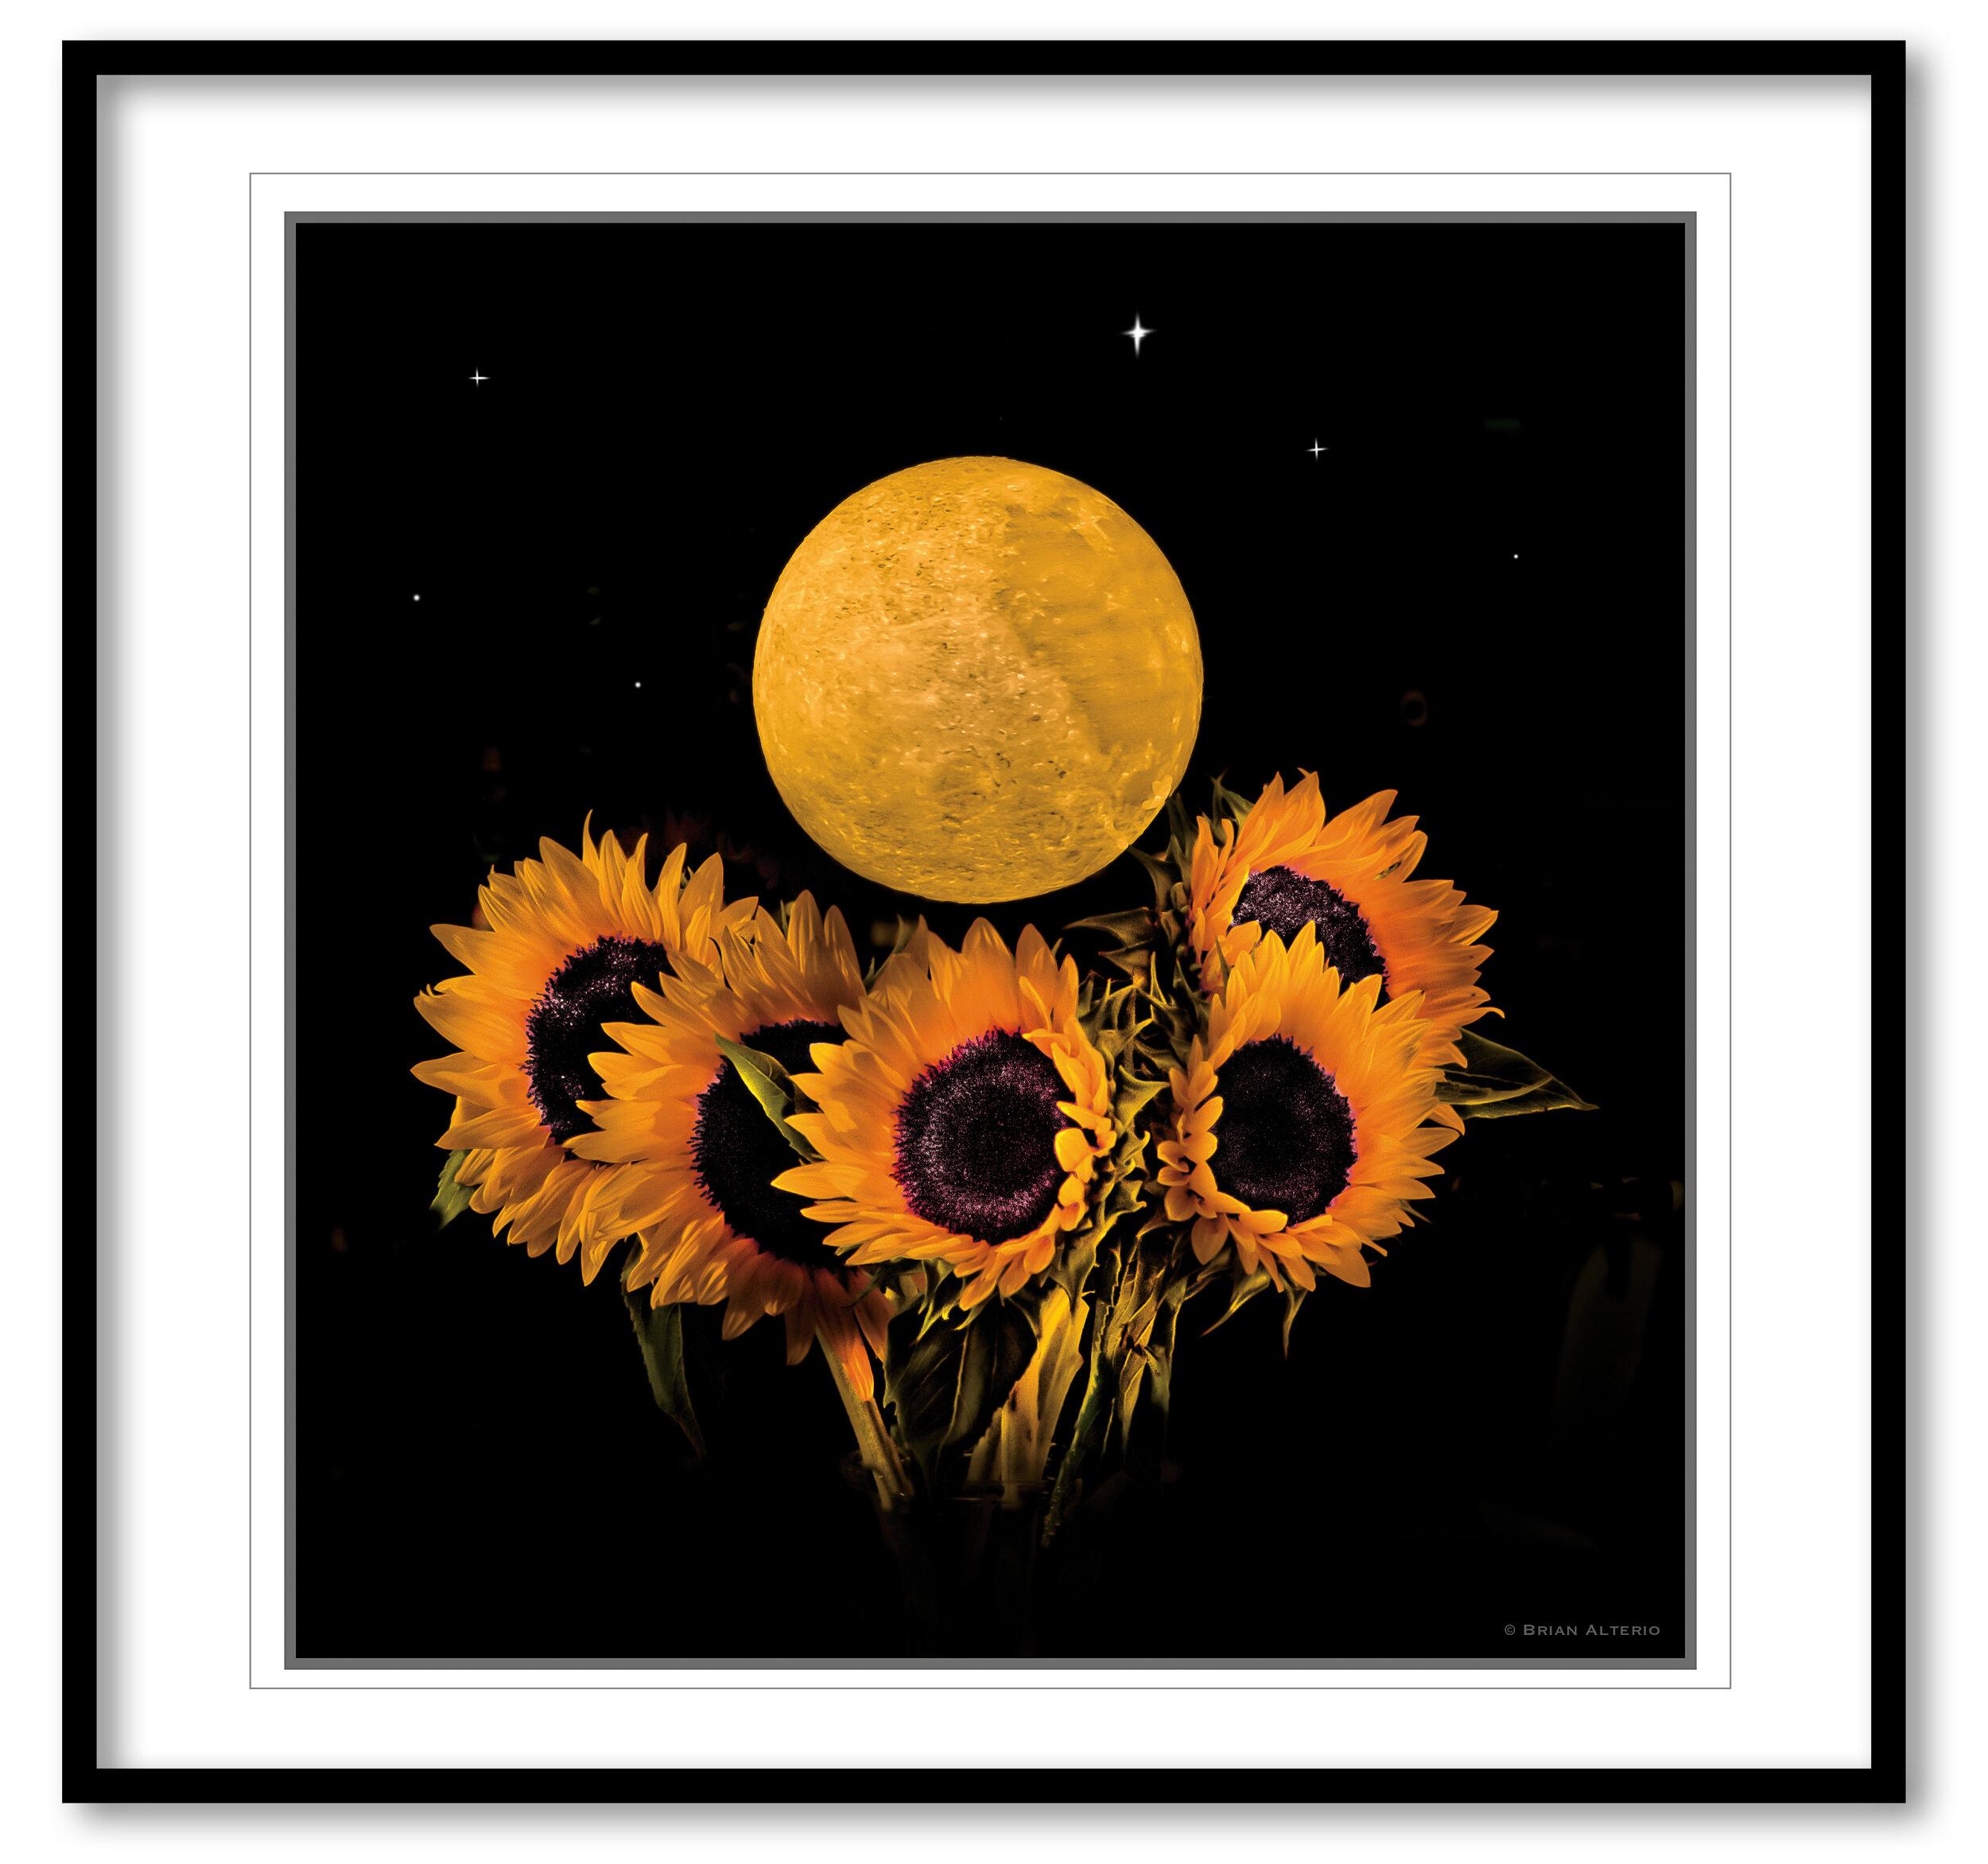 Moon & Sunflowers - 8.19.19 Framed.jpg